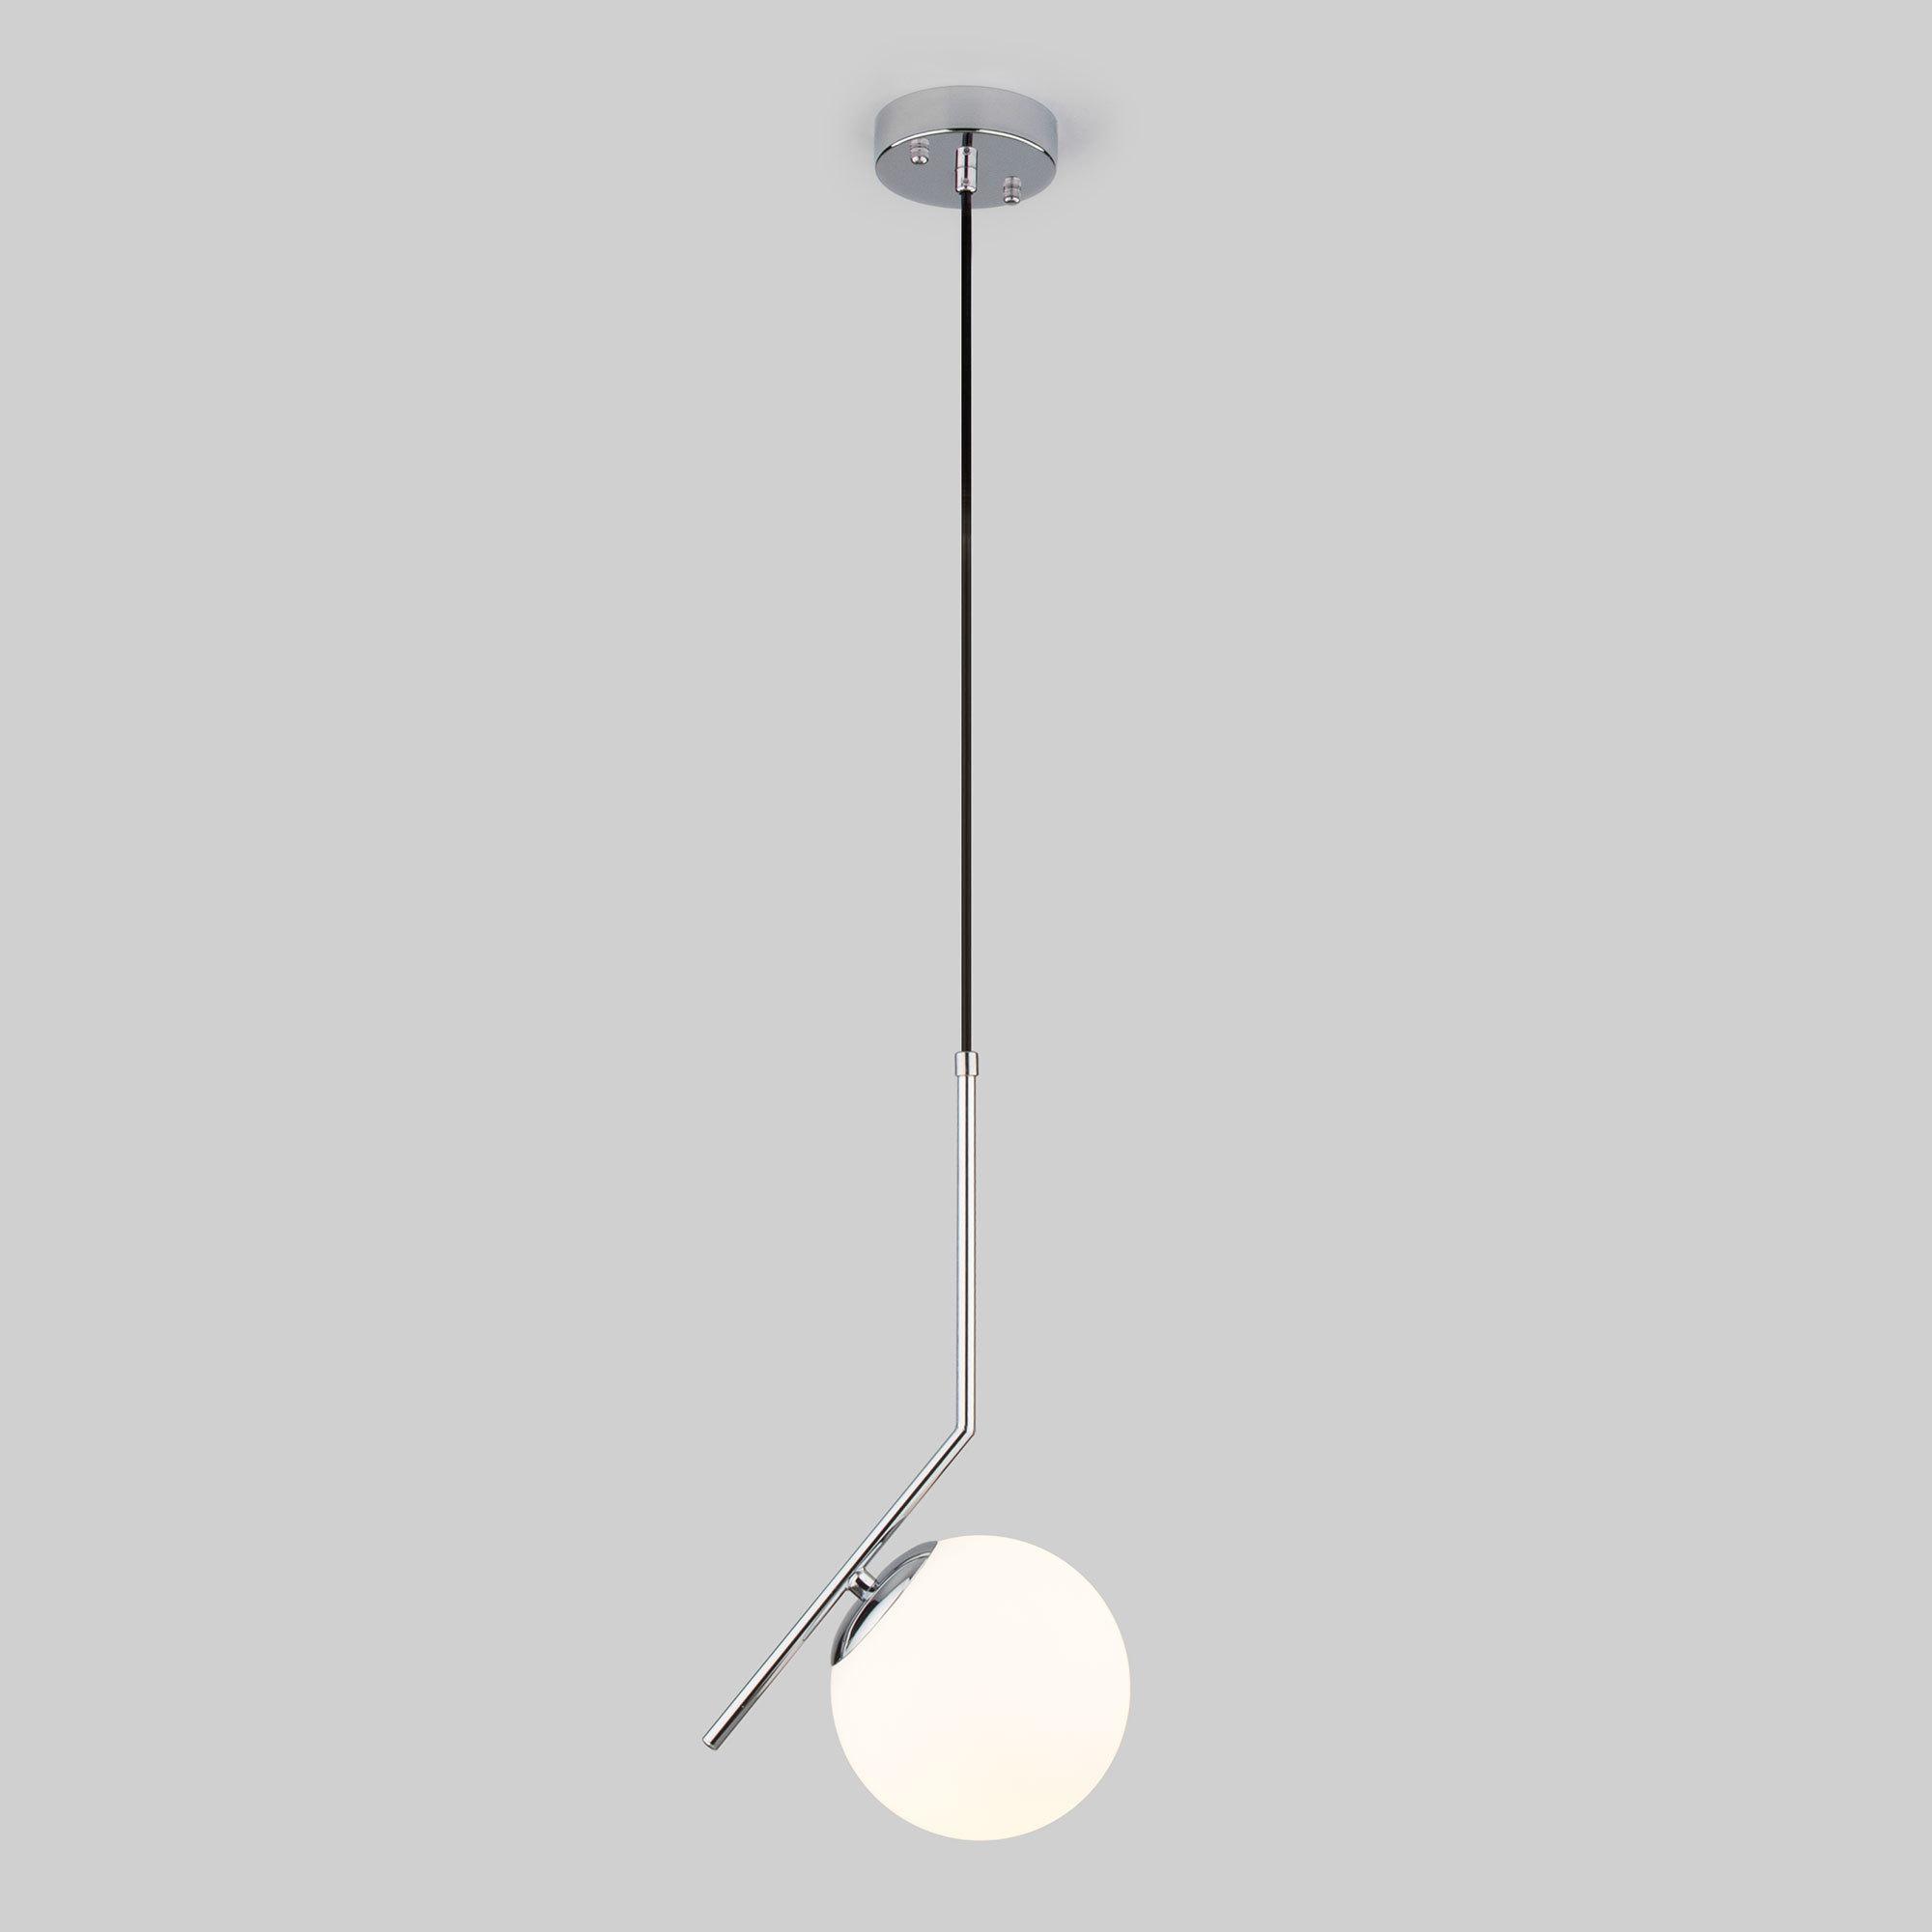 Подвесной светильник со стеклянным плафоном Eurosvet Frost 1 хром